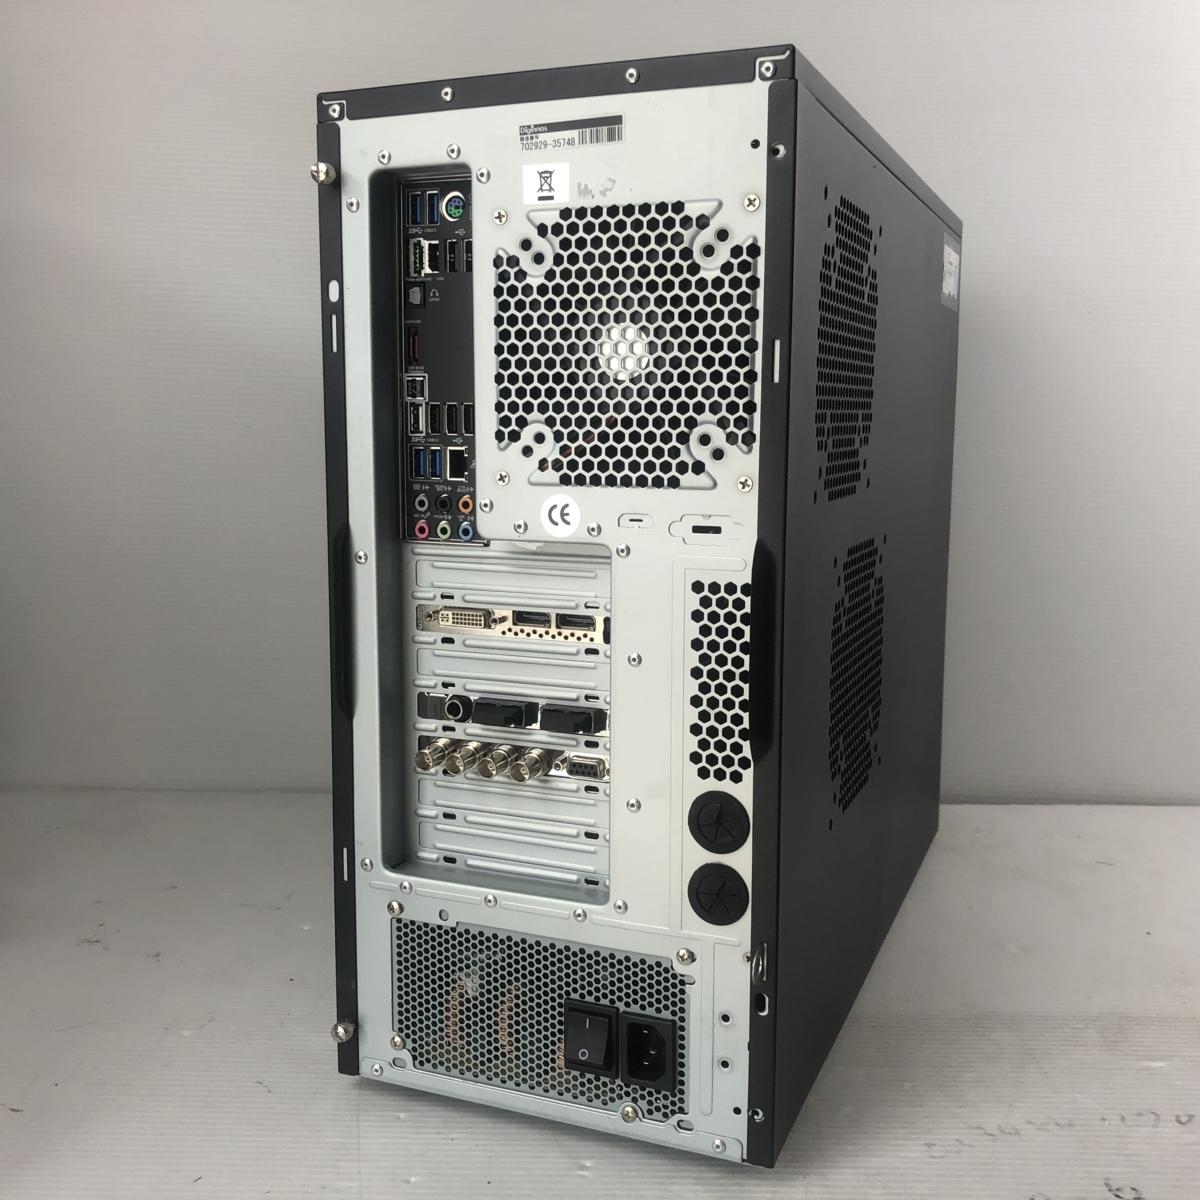 超大容量新品SSD480GB+HDD2TB★自作 高速★6コア i7 3930K★3.8G*12/メモリ16G/Quadro4000/Office2016/DVDスーパーマルチ/USB無線_画像2